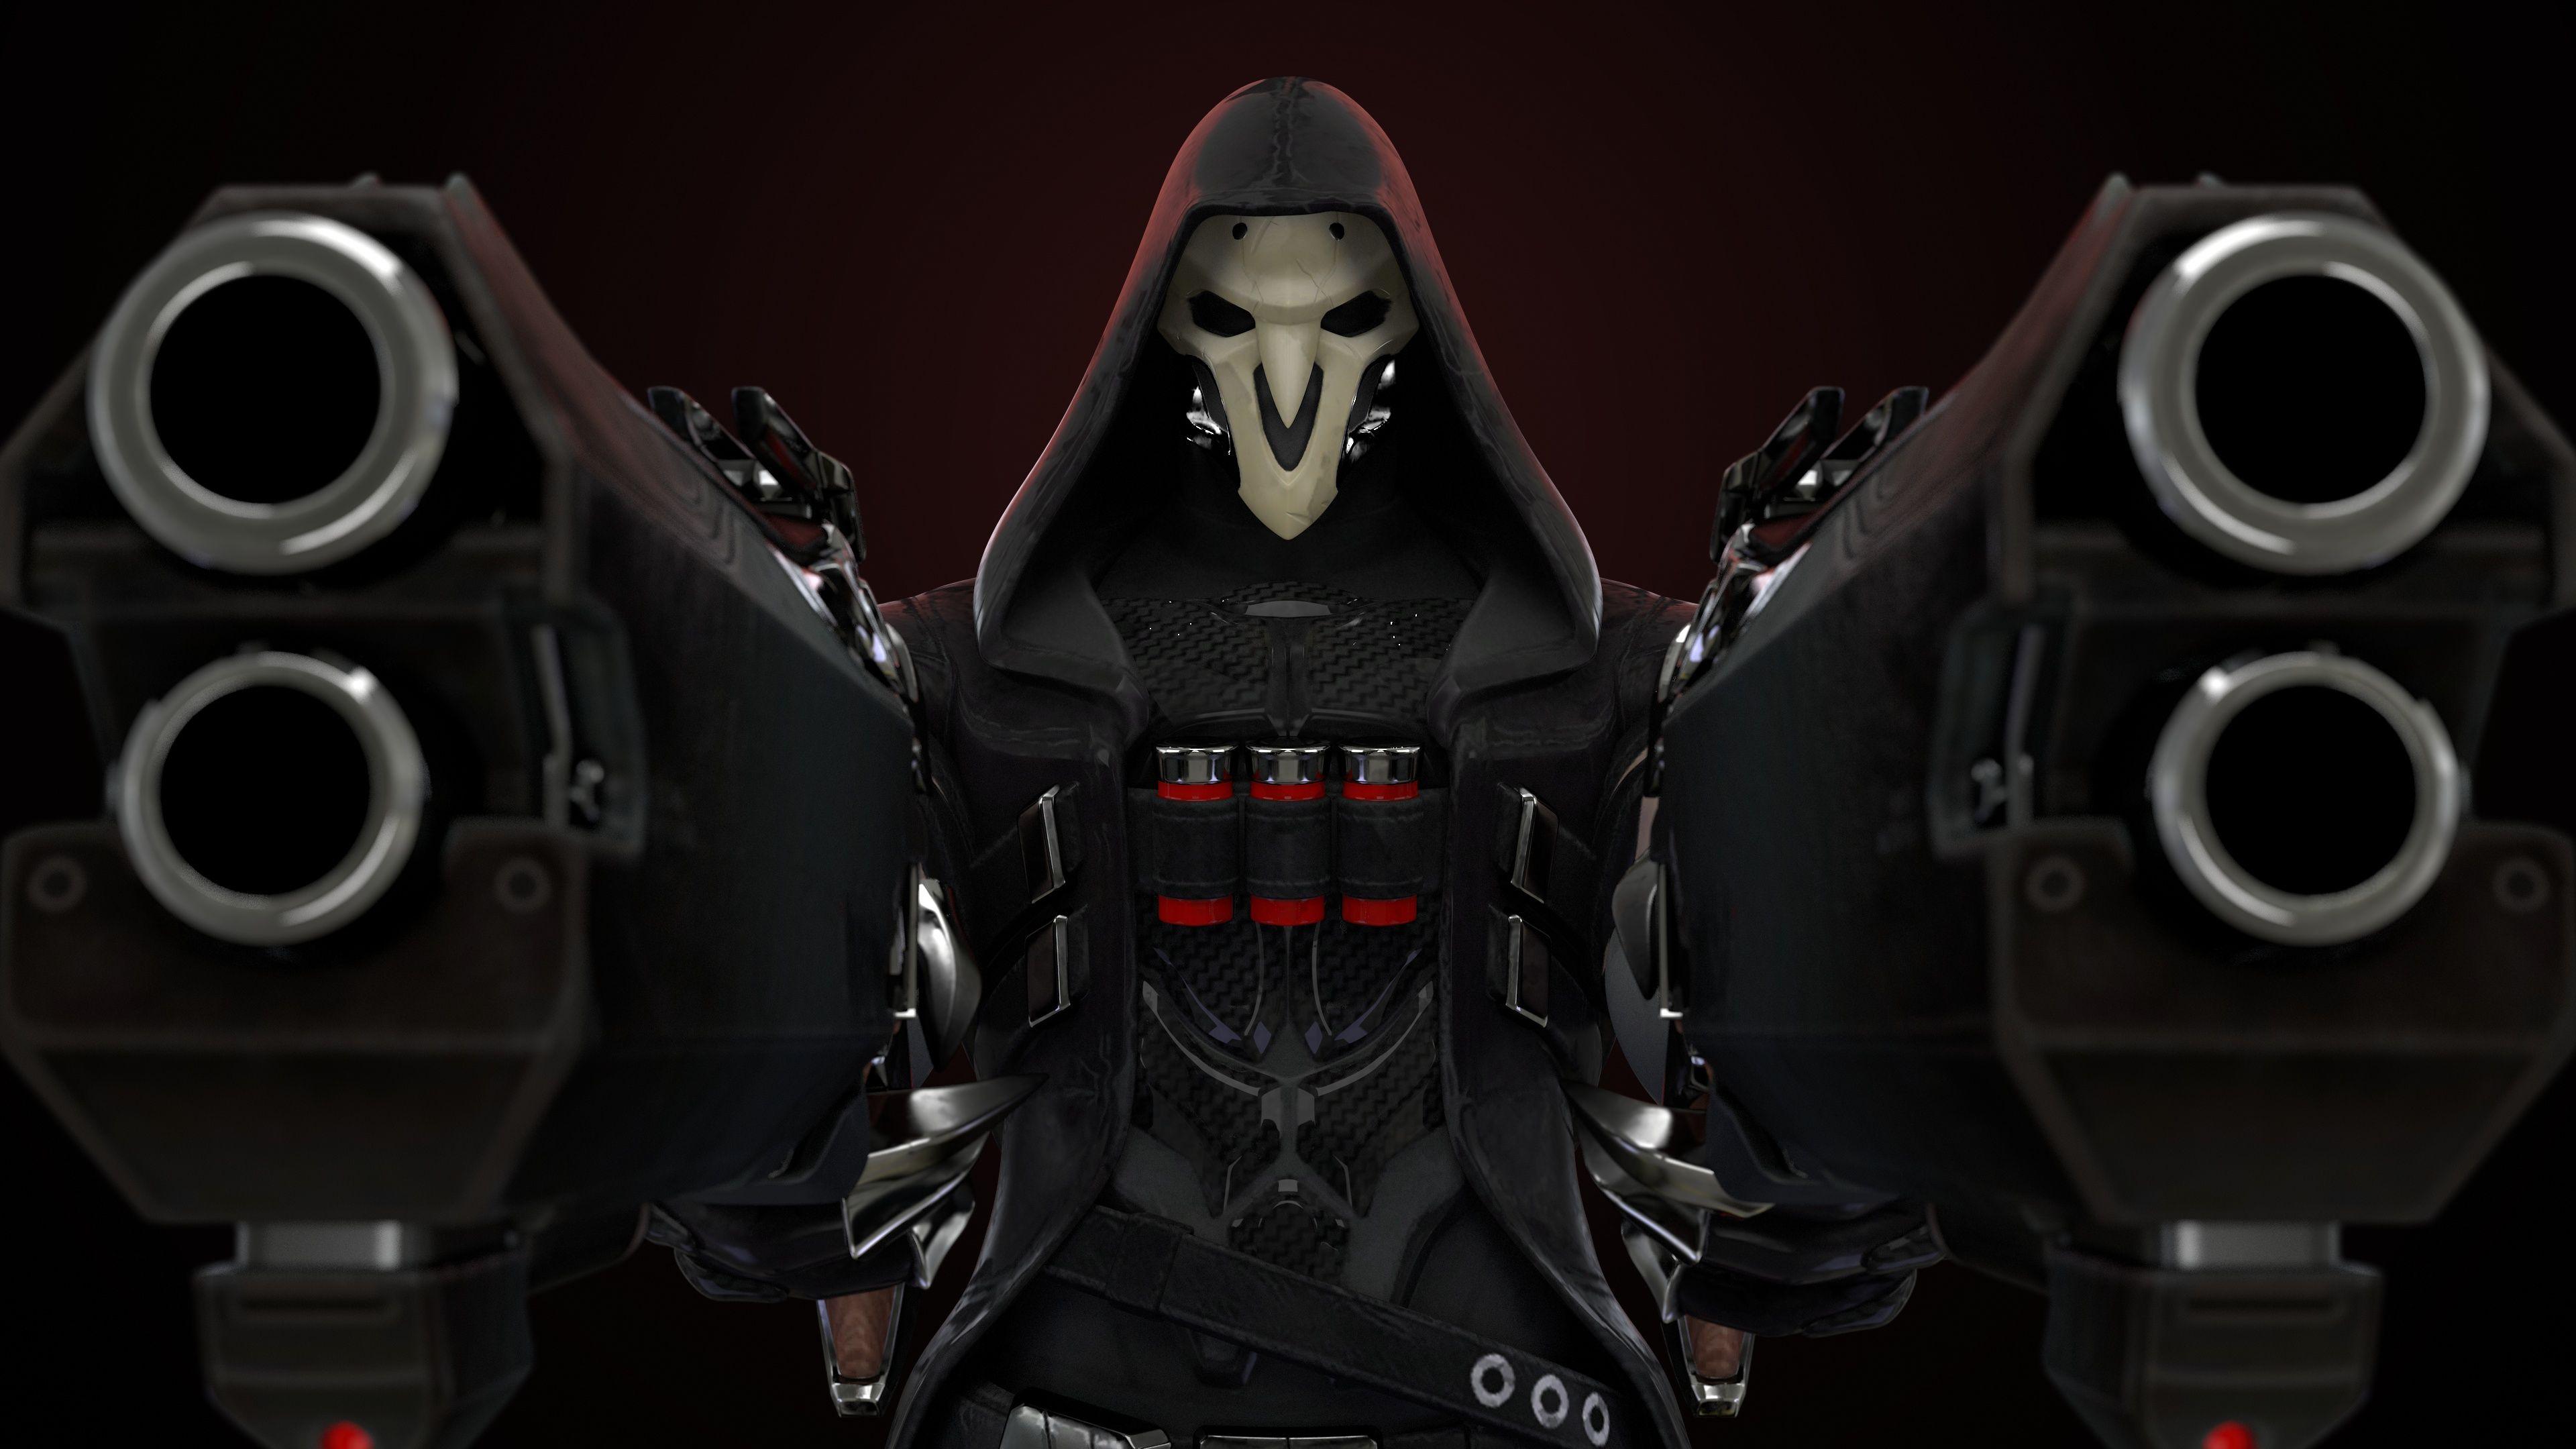 3D Overwatch Reaper Wallpaper Render 3D & Programming